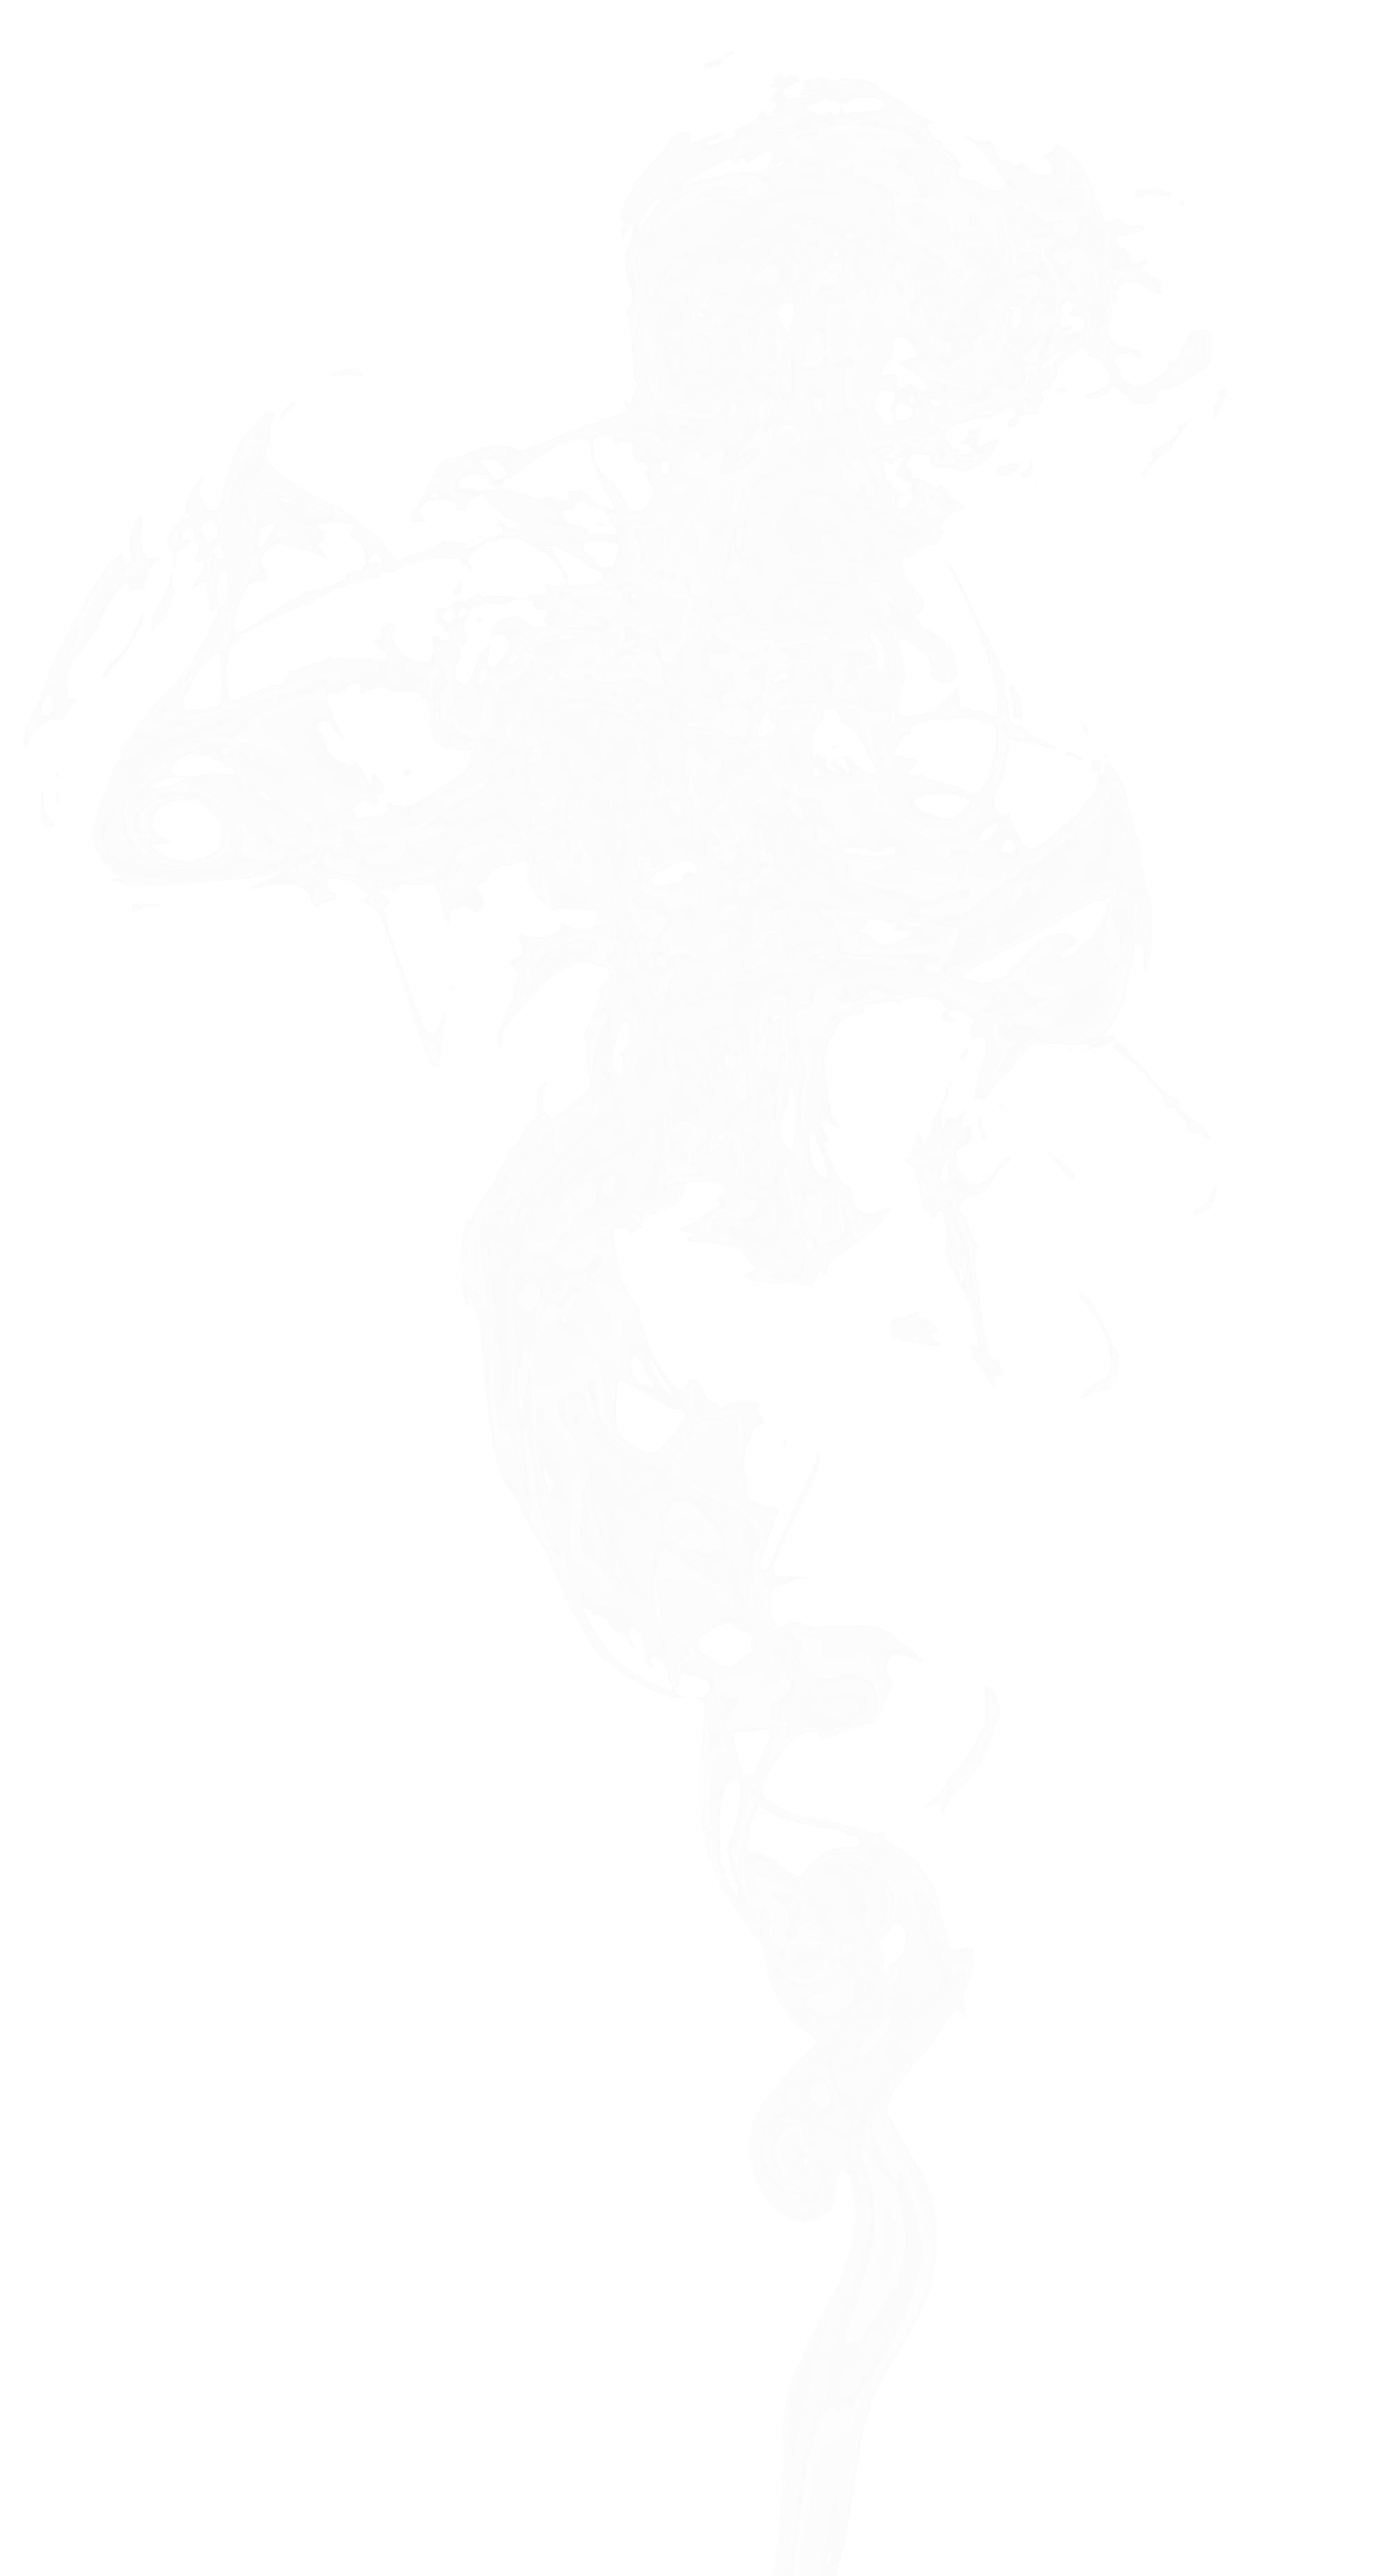 Smoke PNG image, free download picture, smokes